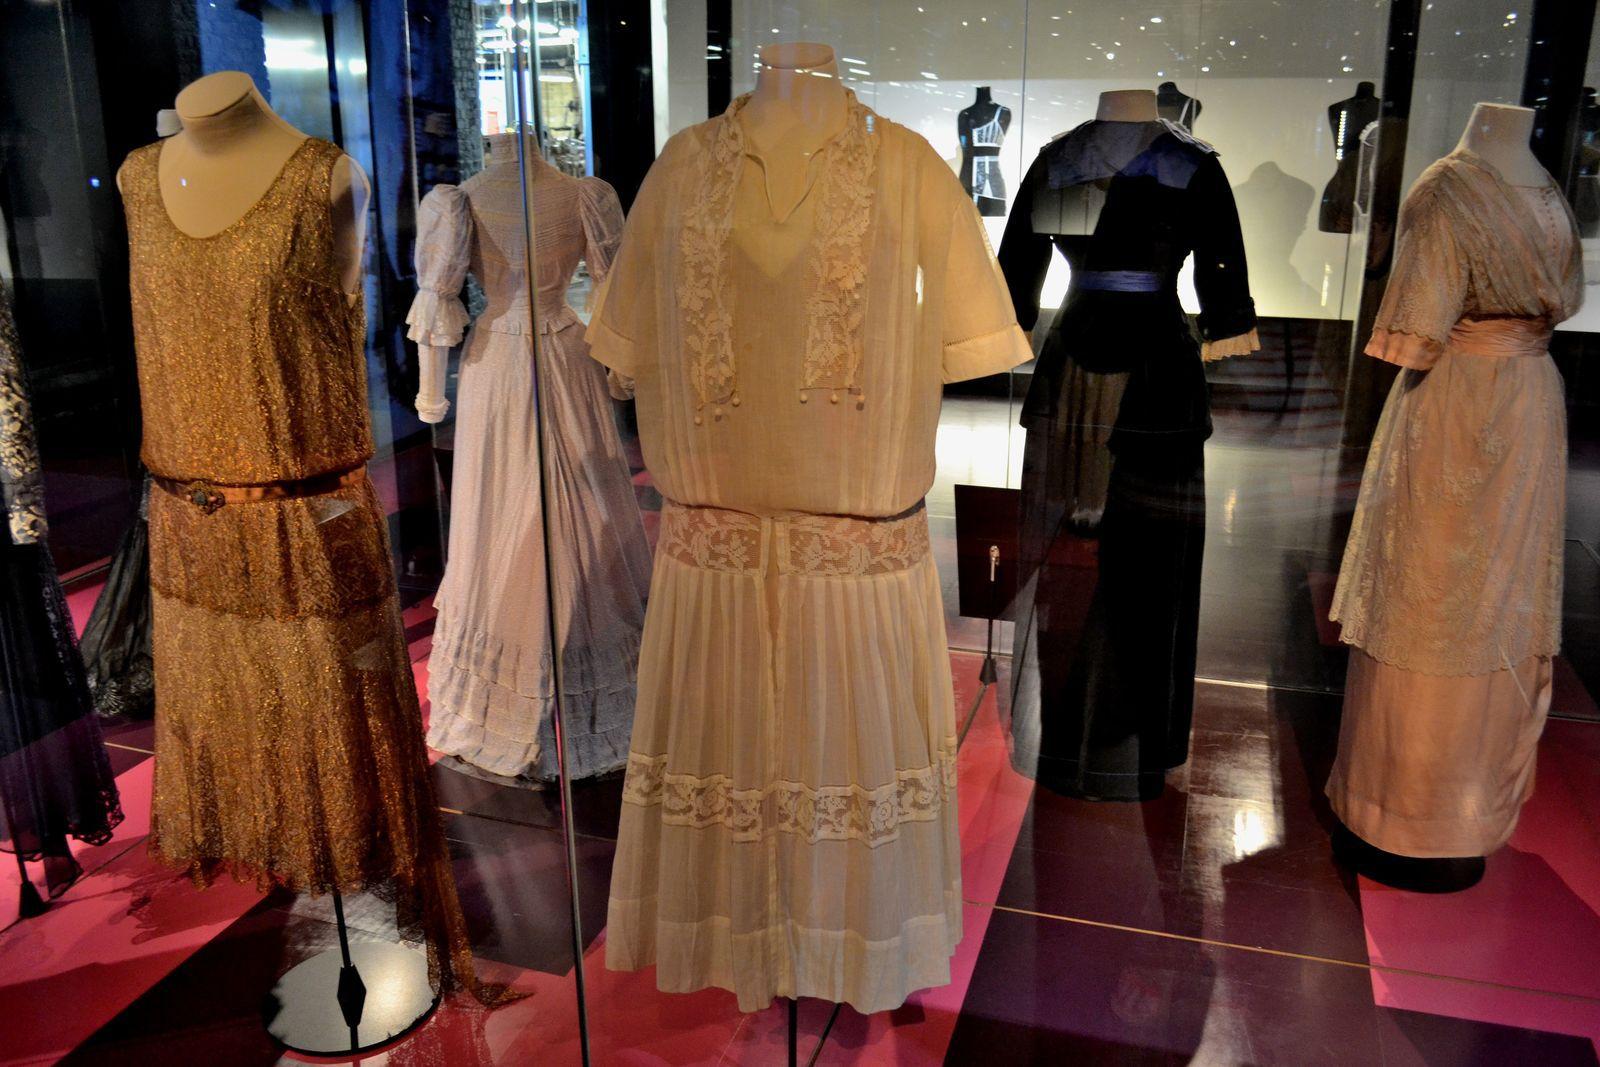 Ci-dessus, j'ai eu le coup de coeur pour cette longue robe bustier noire et blanche de la maison Balmain et créée en 1958. J'ai également aimé ce petit tailleur multicolore avec des noeuds de la maison Dior et créé en 1990.